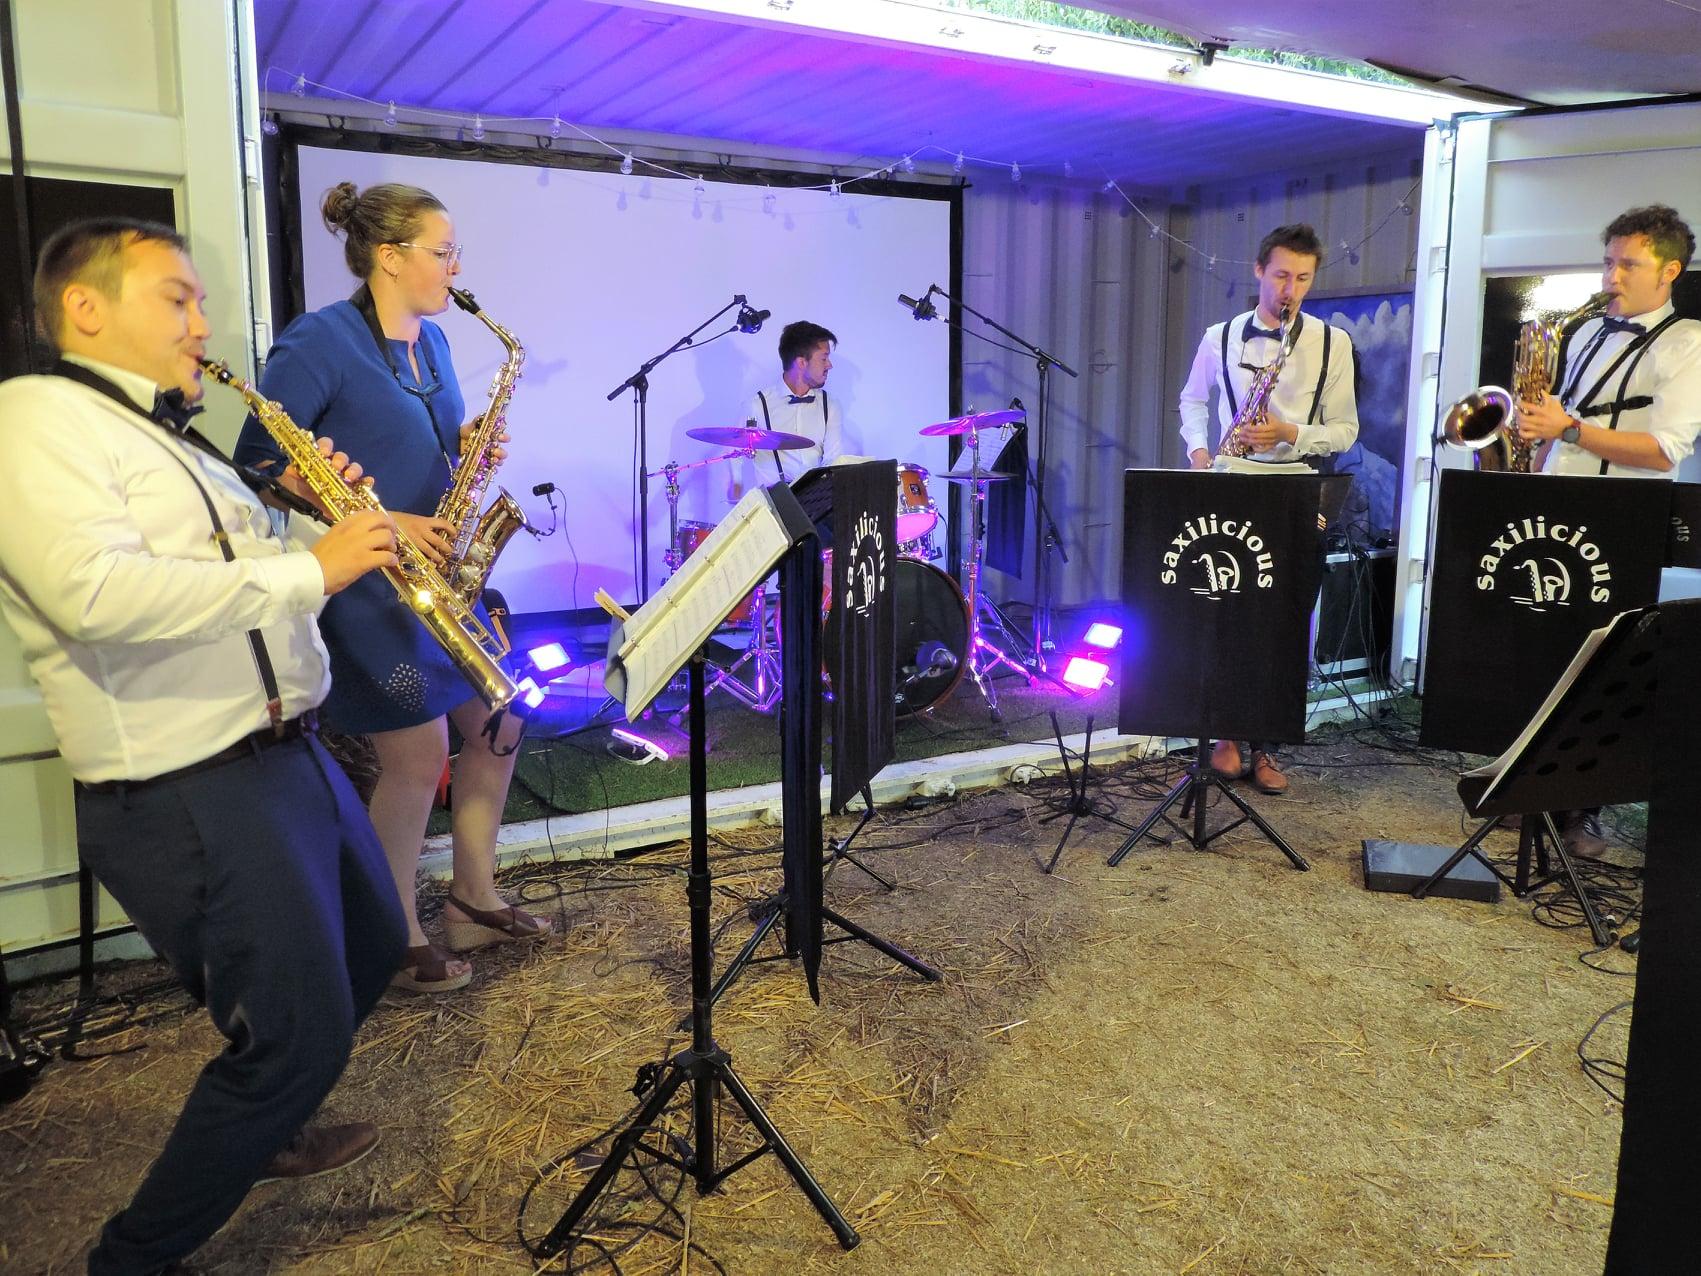 Callicanes-concert jazz 22.07.21_1.jpg